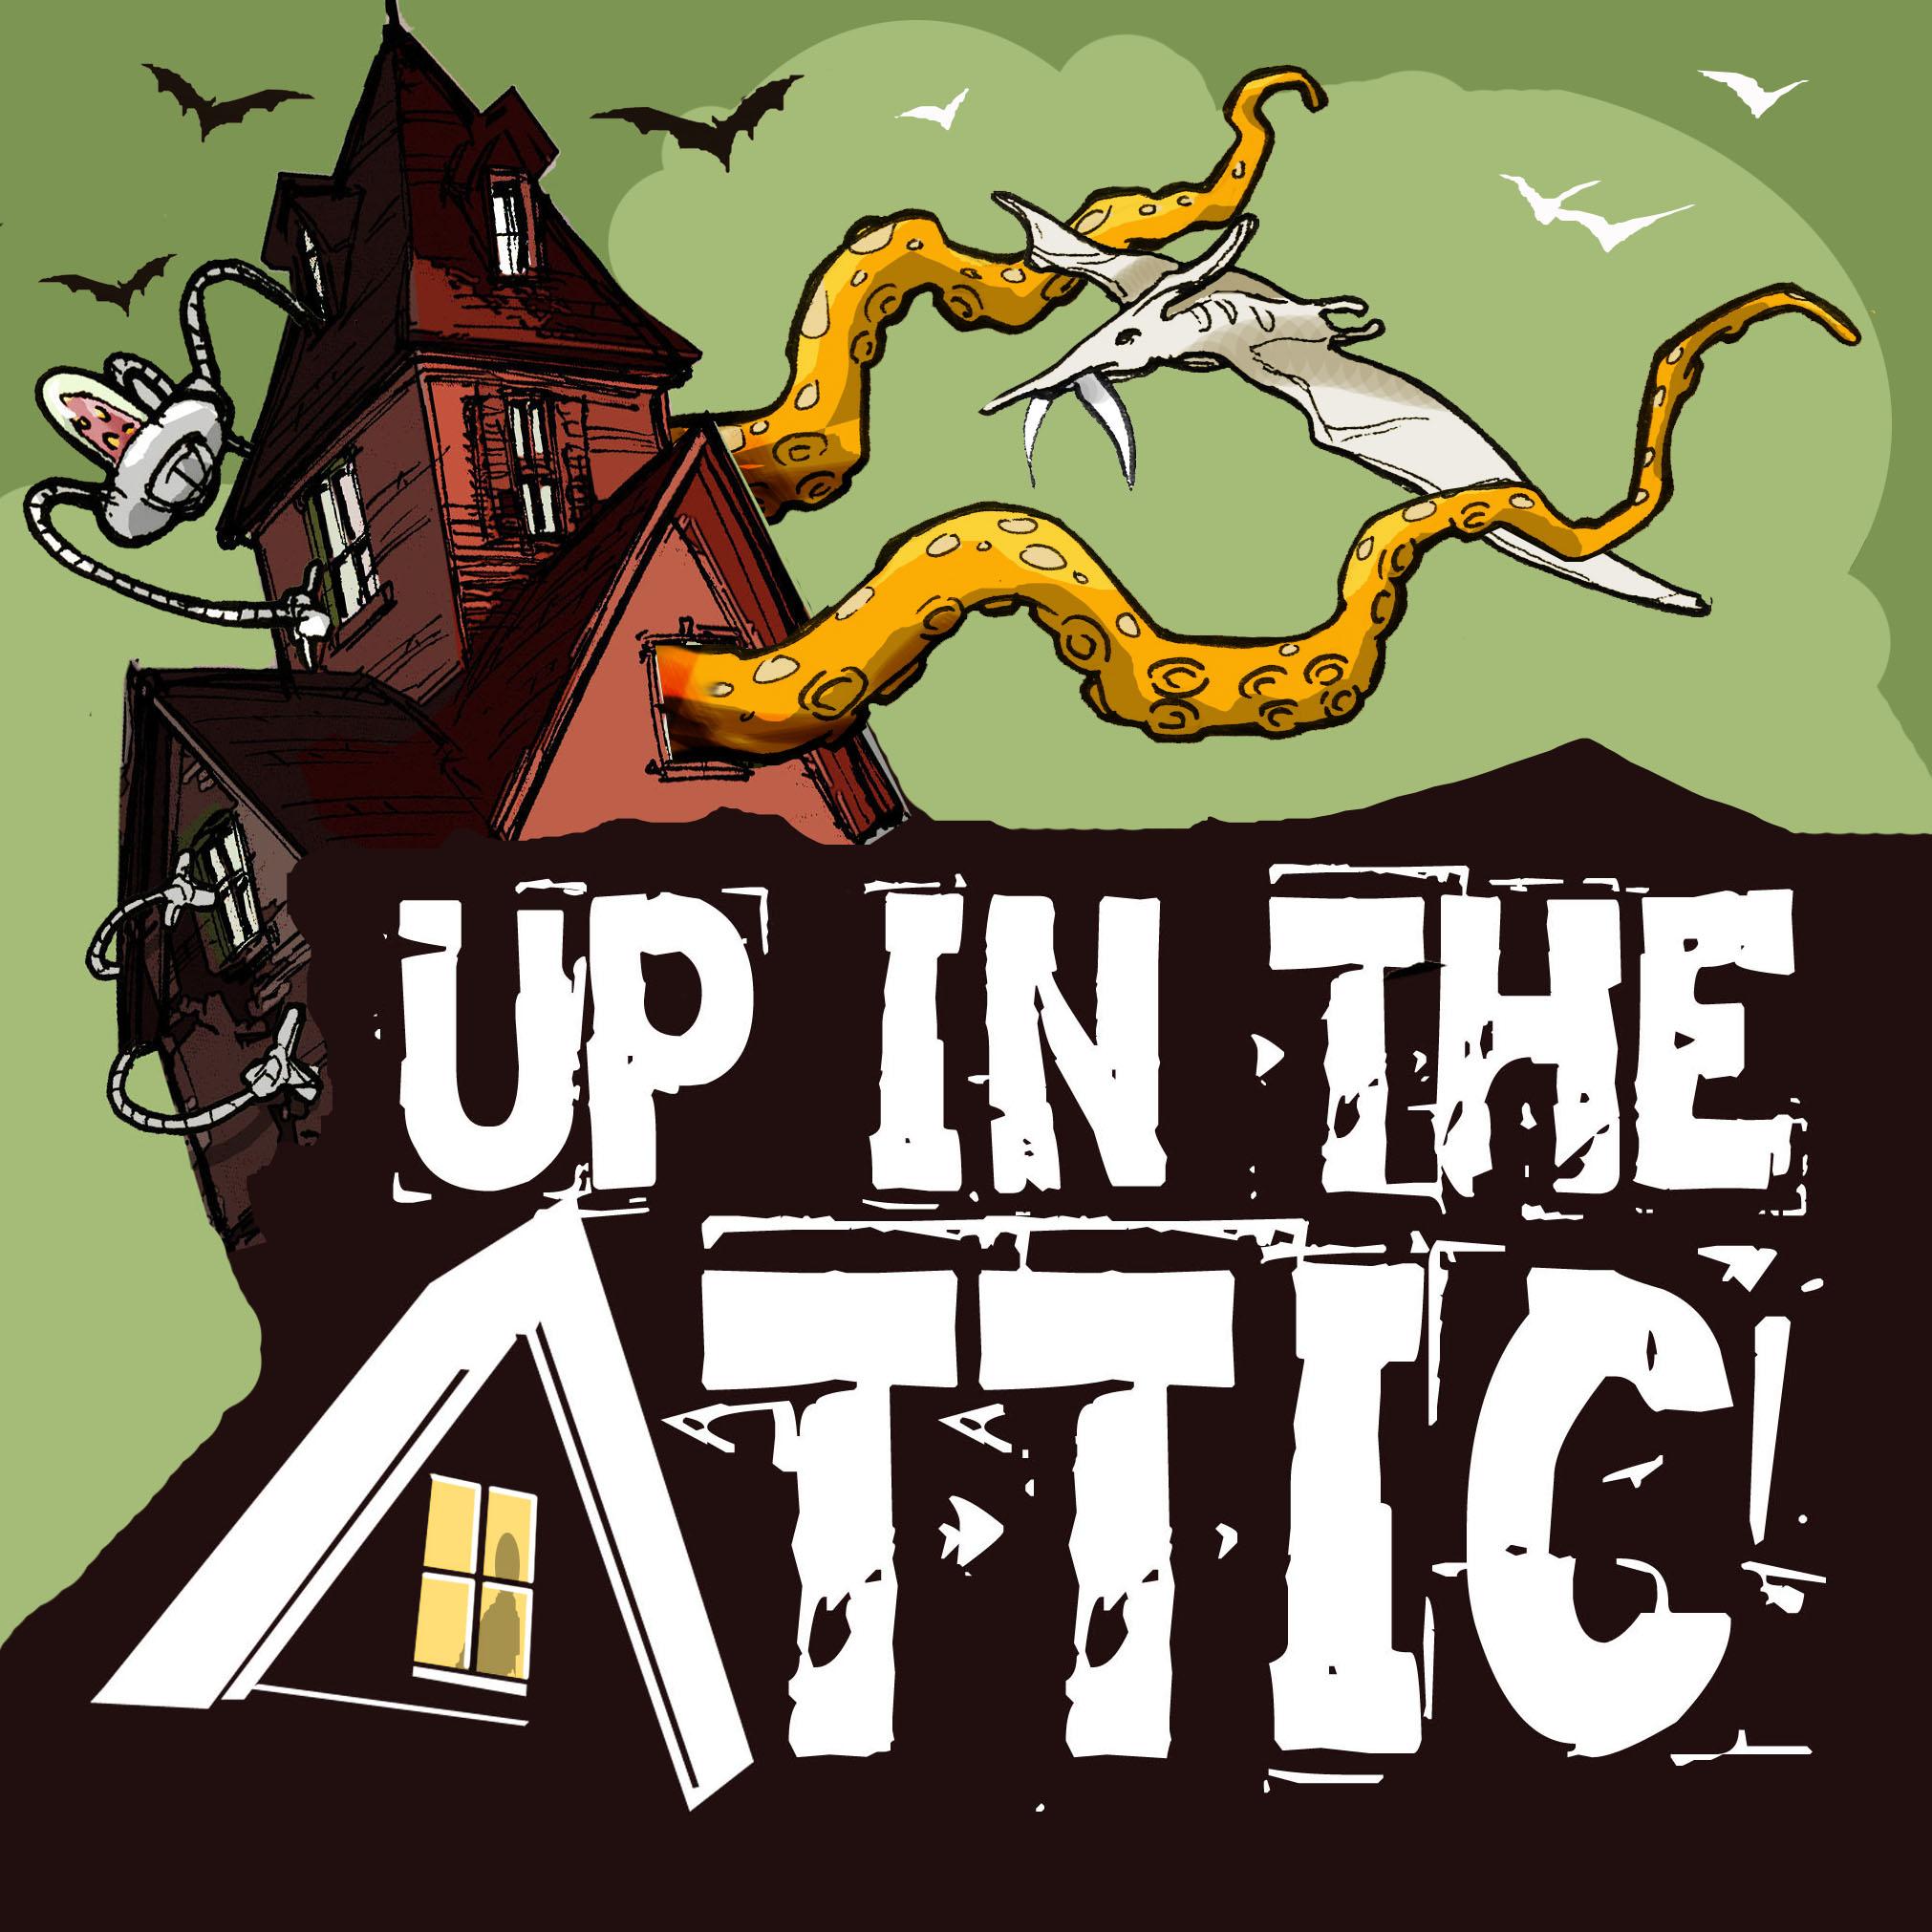 creative church ideas attic - The Idea Attic